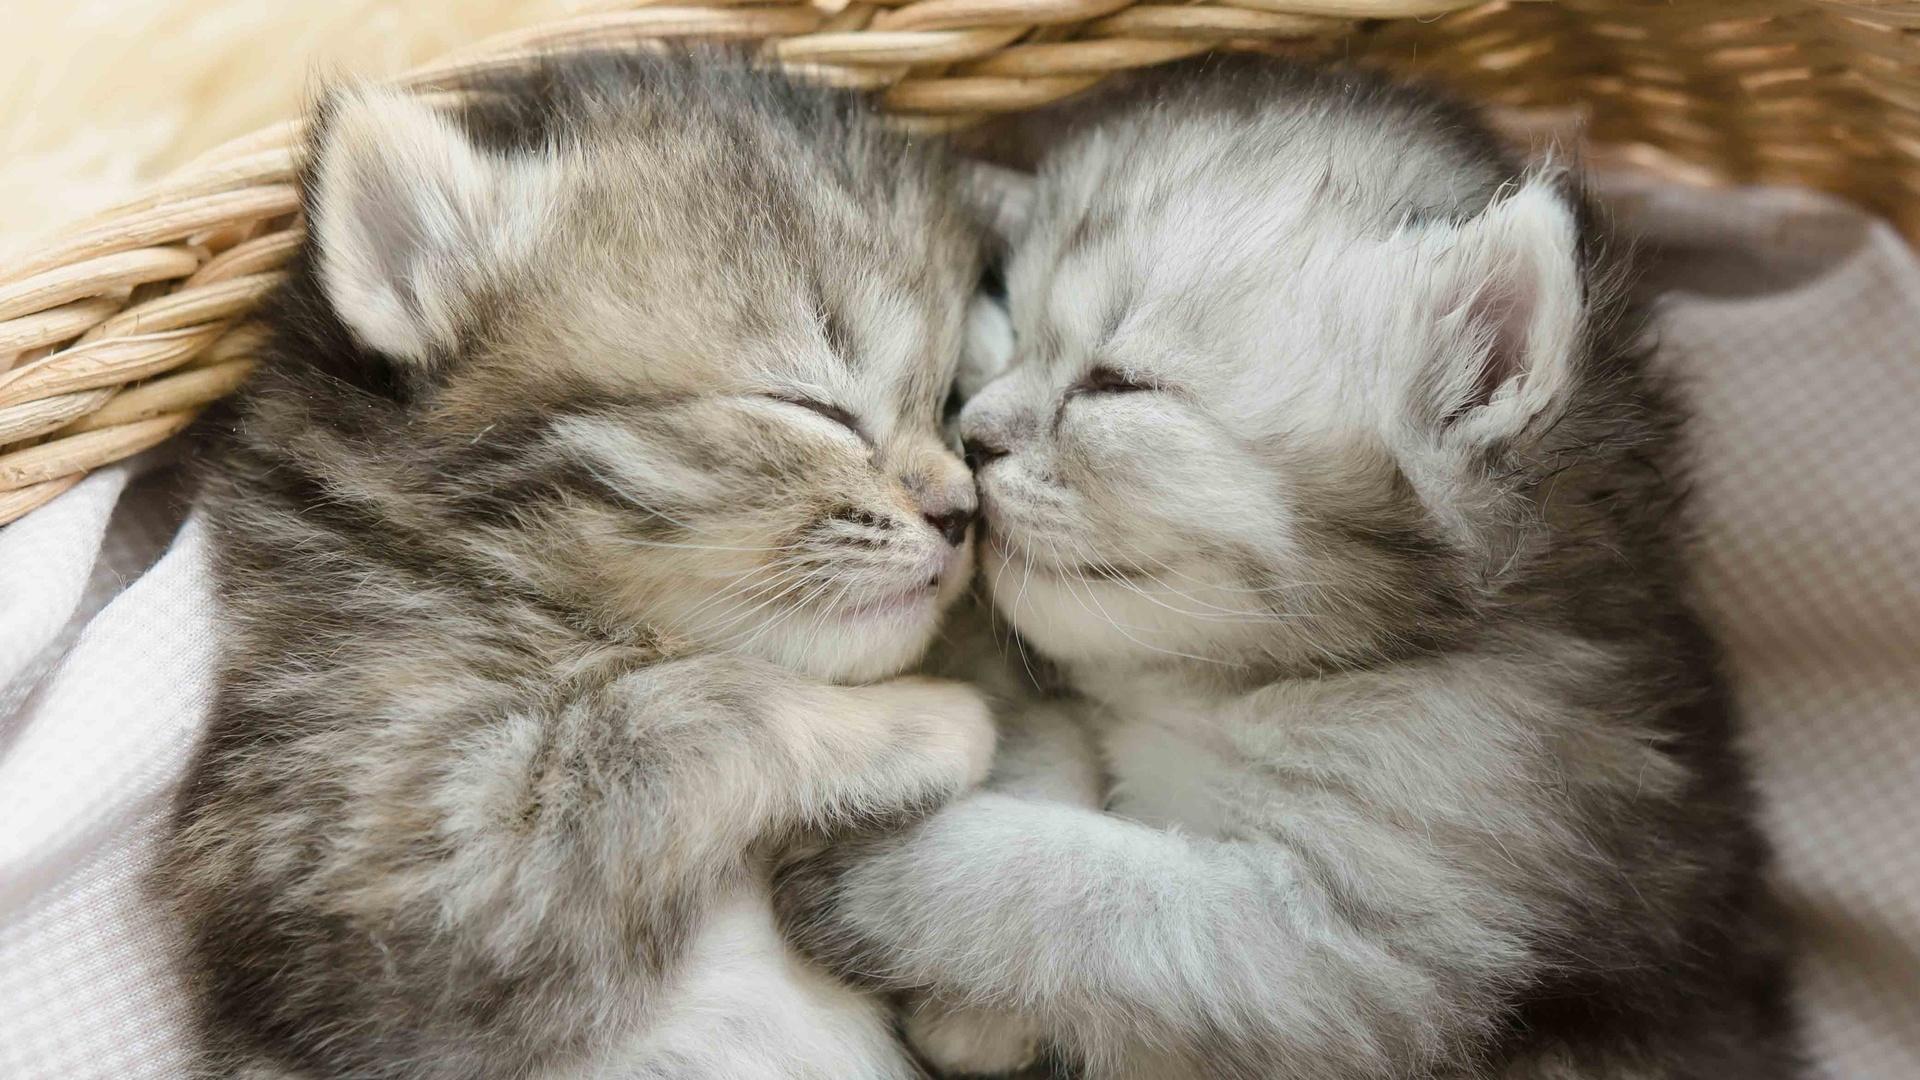 милые картинки обнимашки котиков скажу, летом